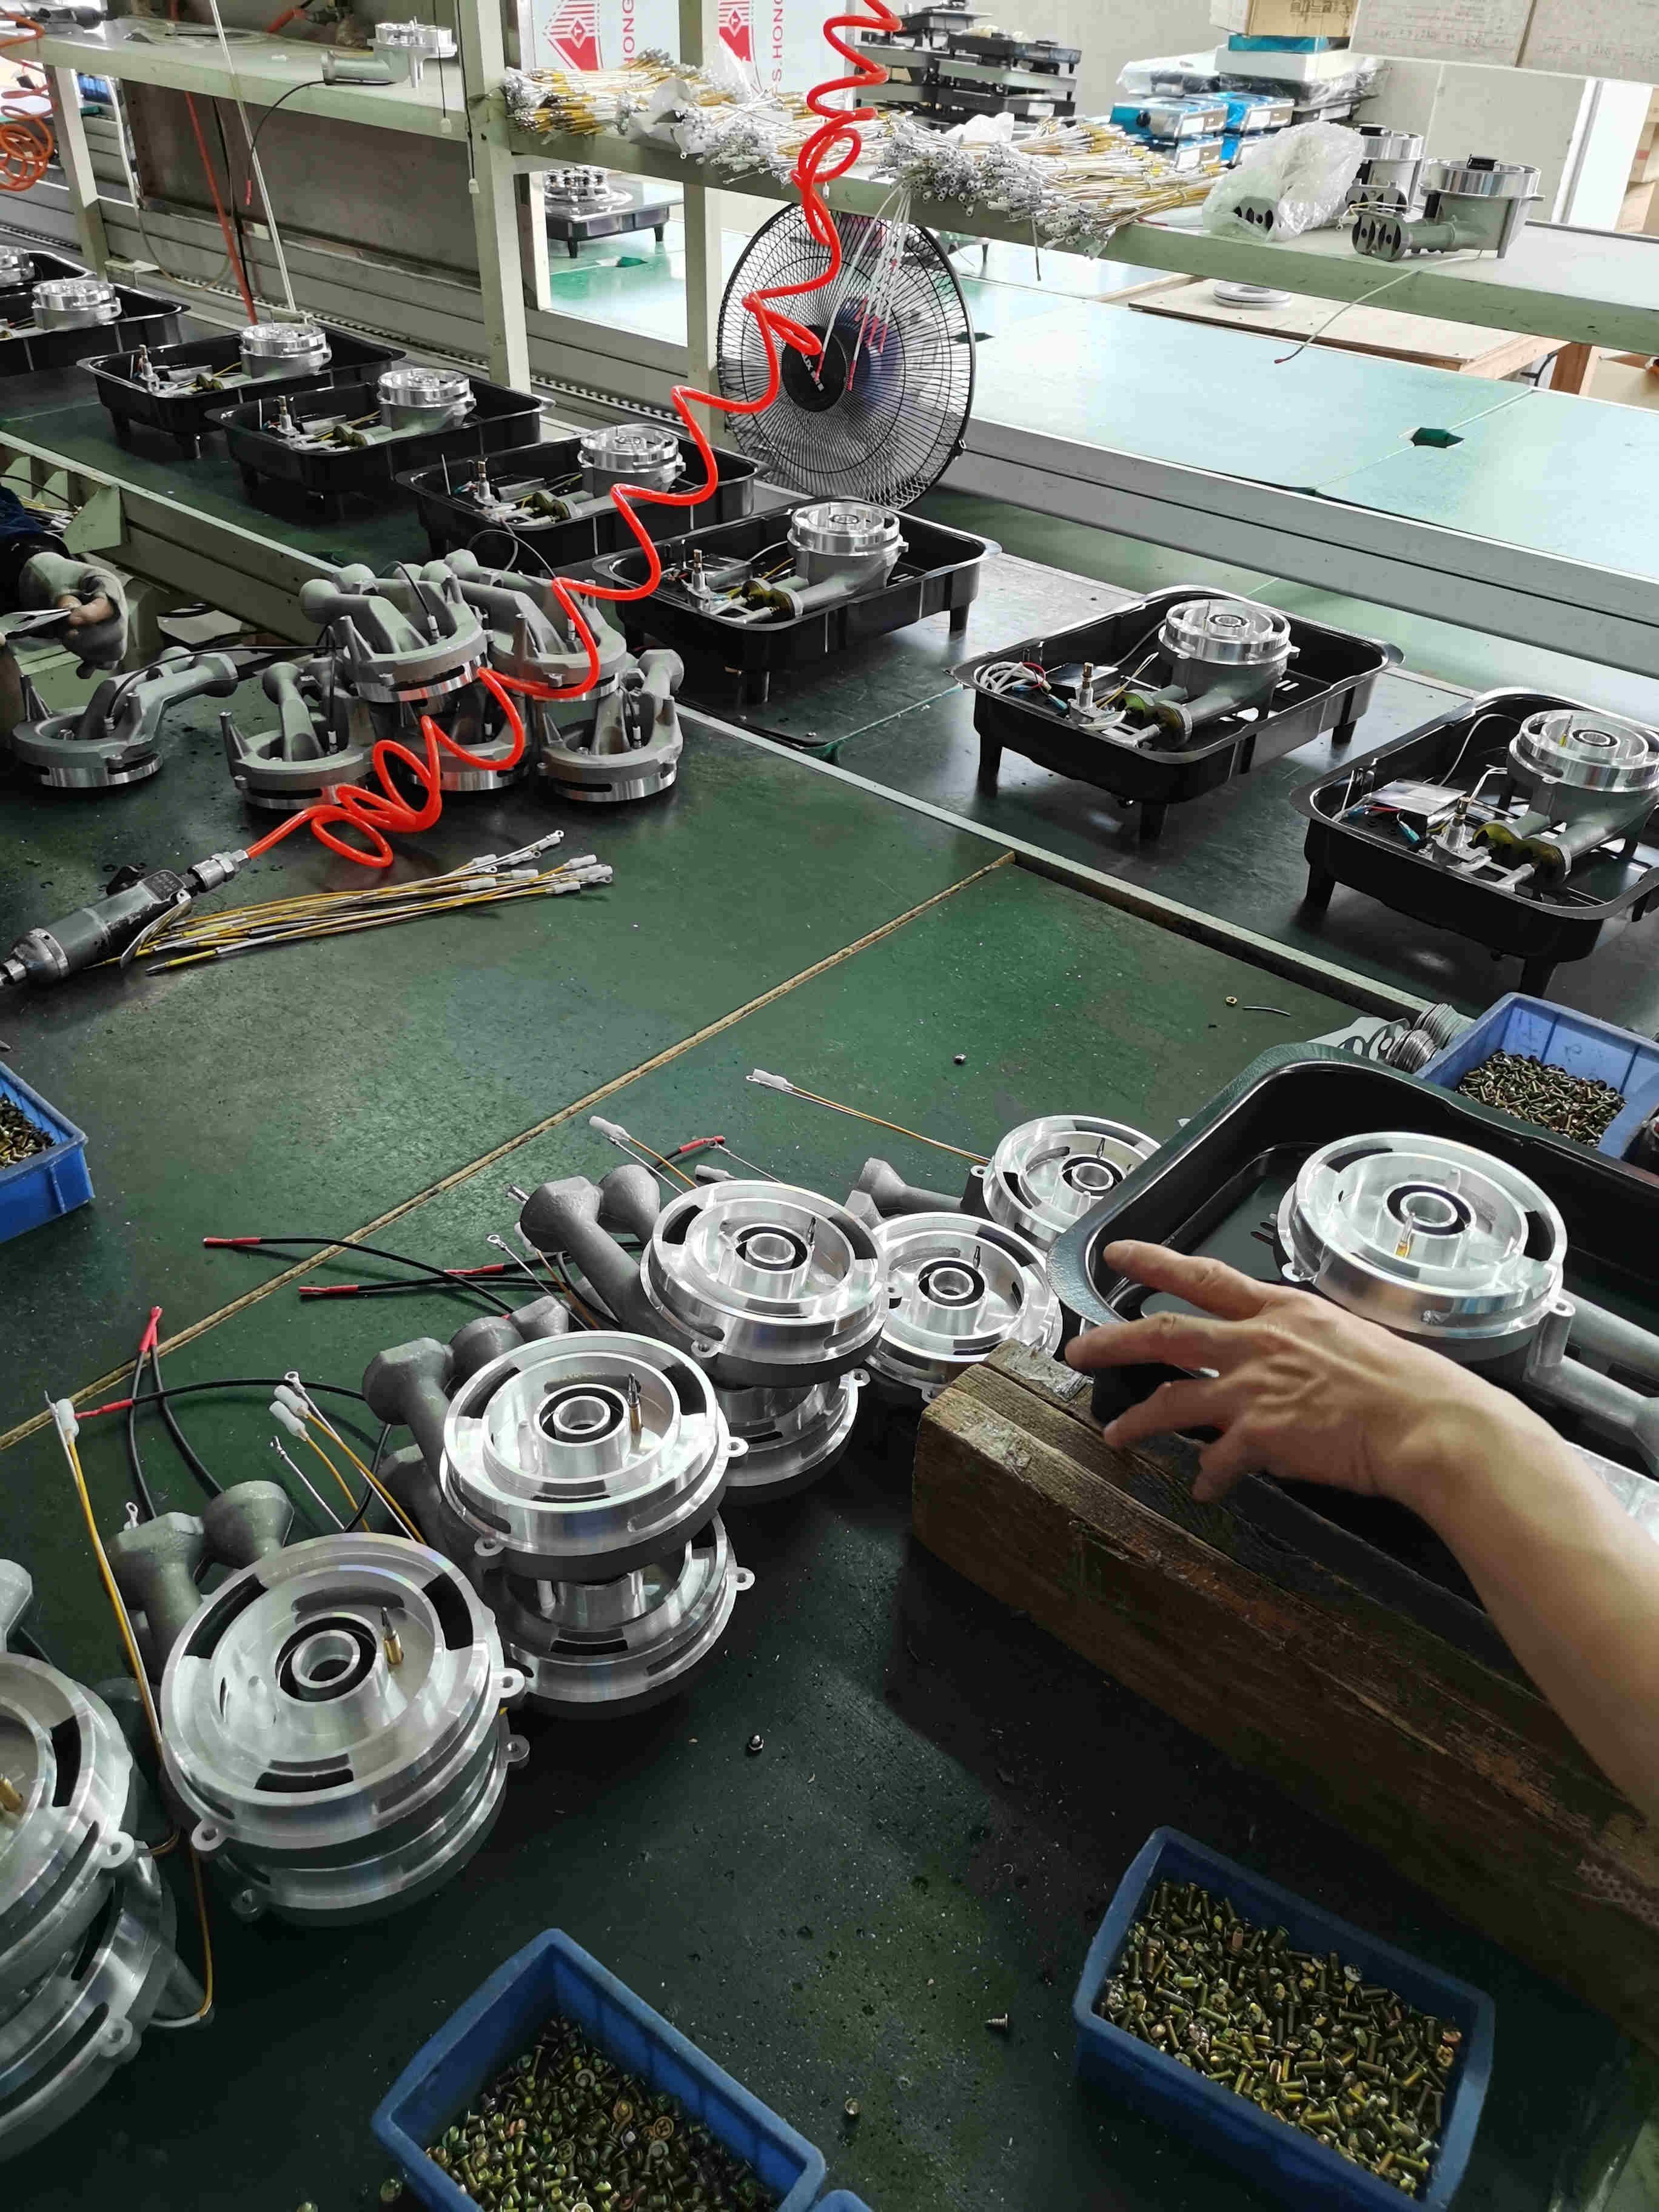 燃气灶煤气炉灶具生产厂家工人安装固定炉灶具内部配件安装过程